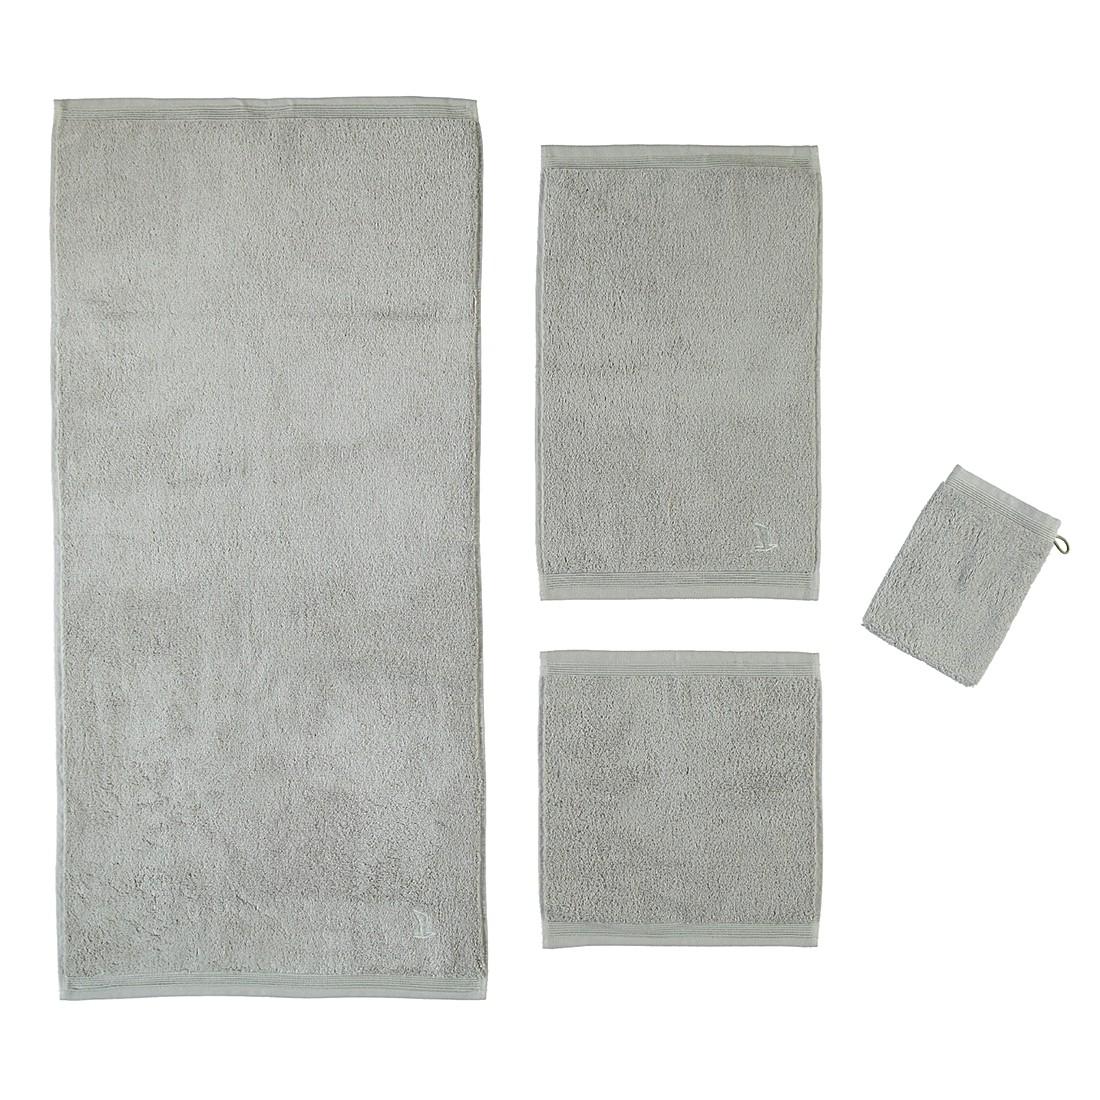 Handtücher Superwuschel – Baumwolle – Cashmere – Handtuch 50×100 cm, Möve online kaufen